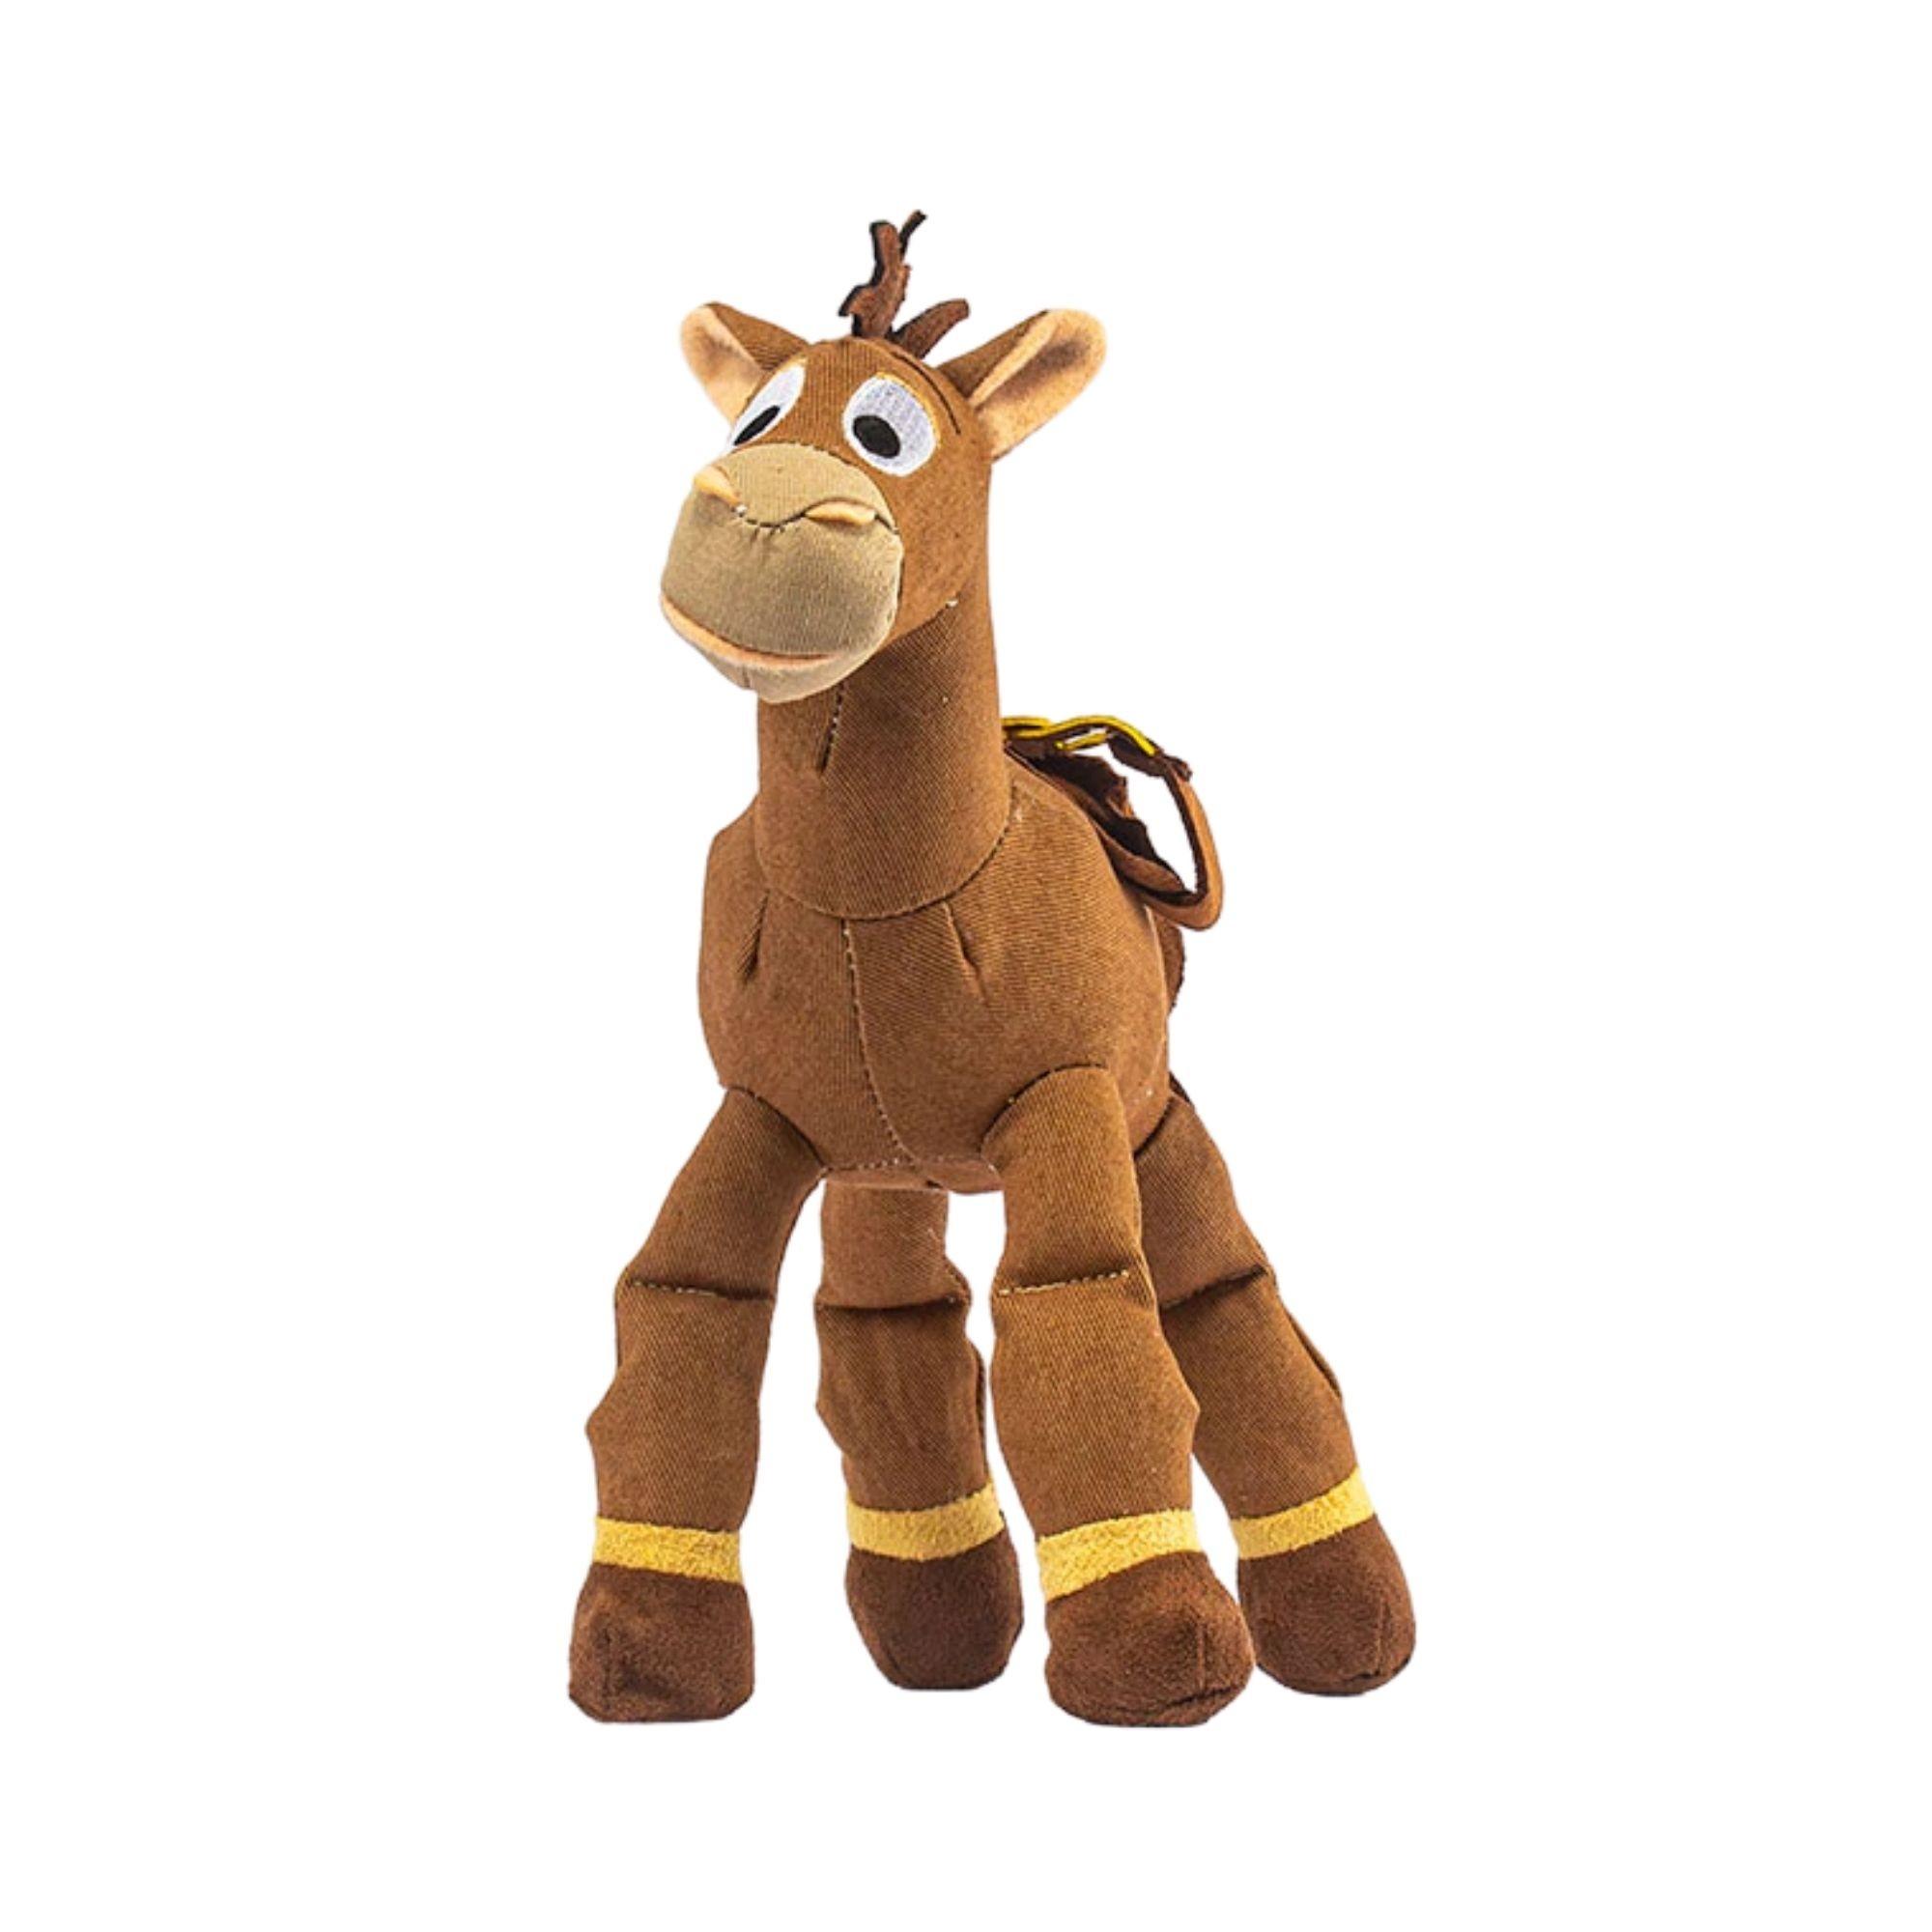 Pelucia Bala no Alvo Toy Story 23 cm  - Game Land Brinquedos